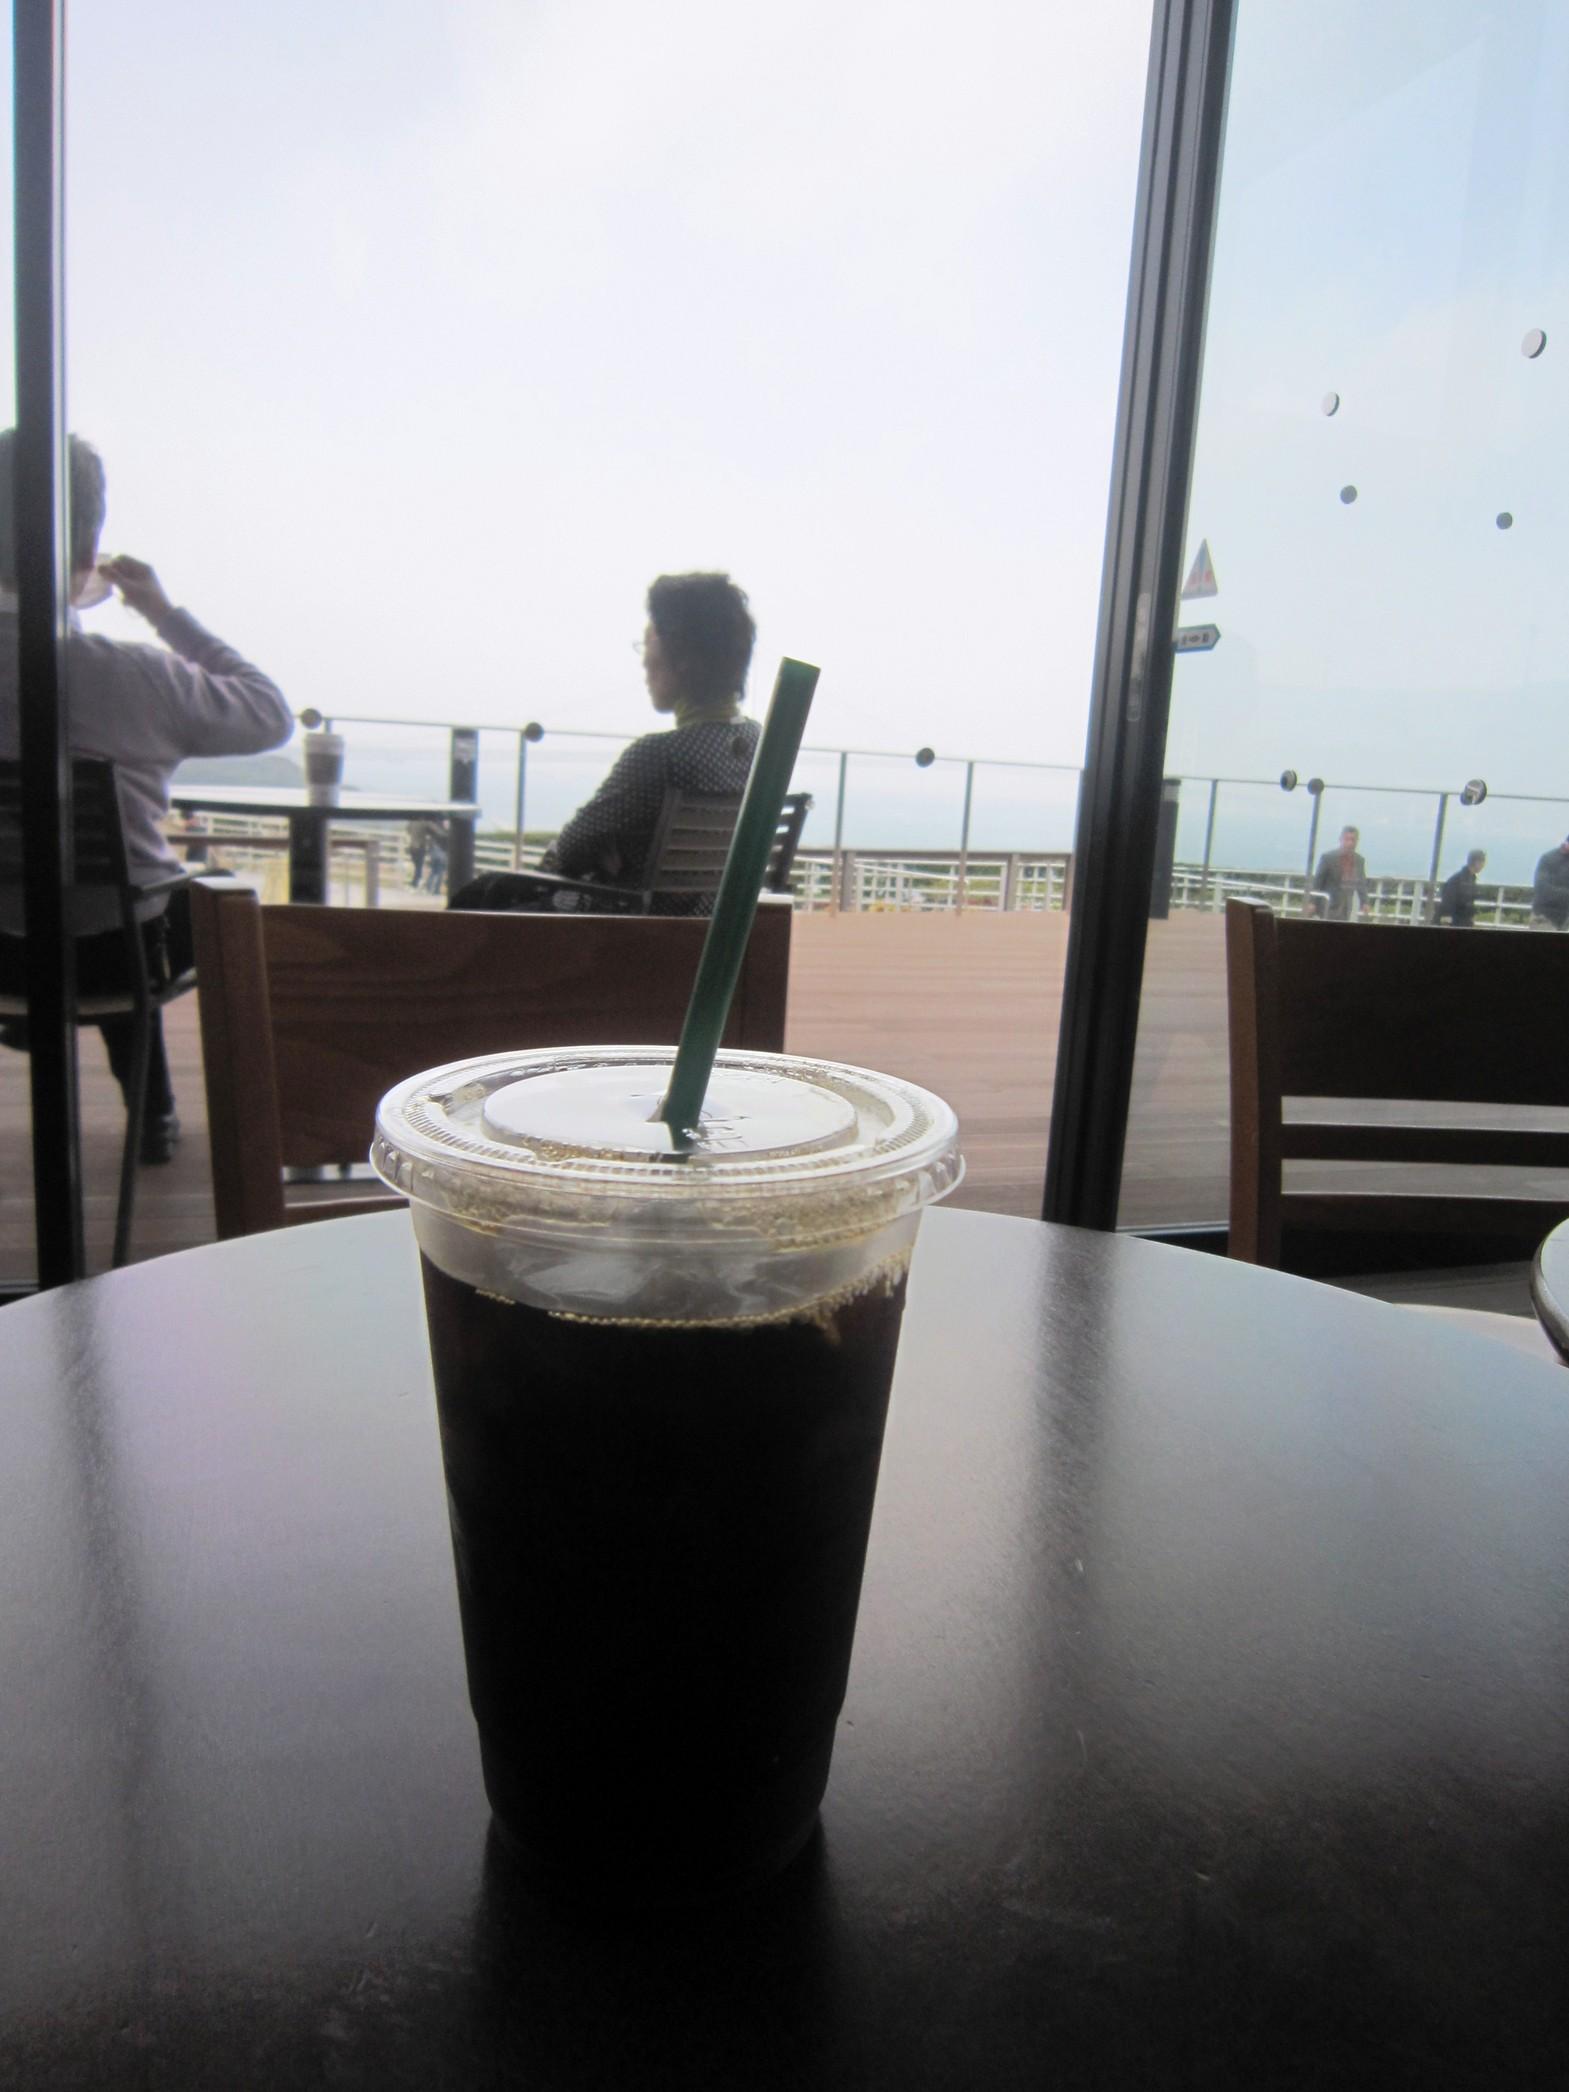 スターバックス・コーヒー 淡路サービスエリア(下り線)店